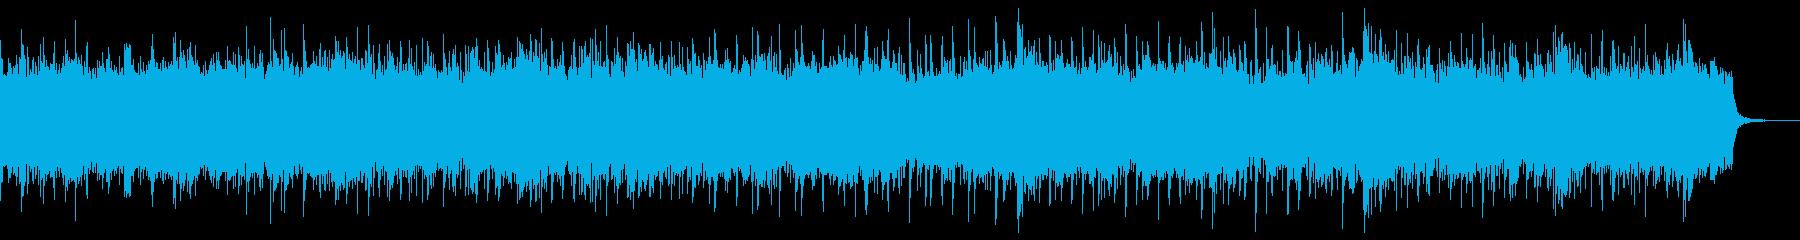 優雅なひとときを演出するBGMの再生済みの波形